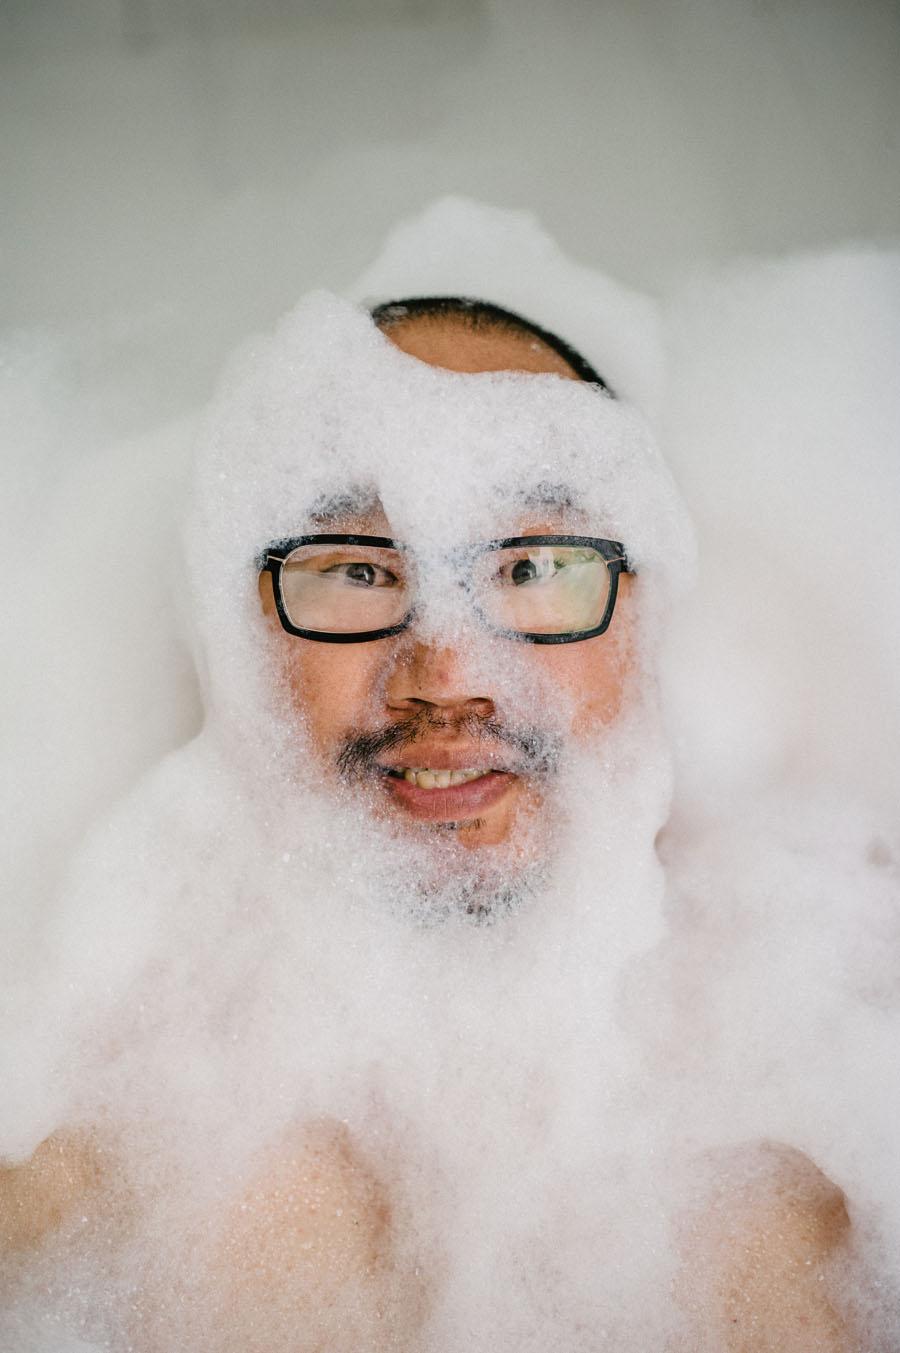 Bubbly bath portrait